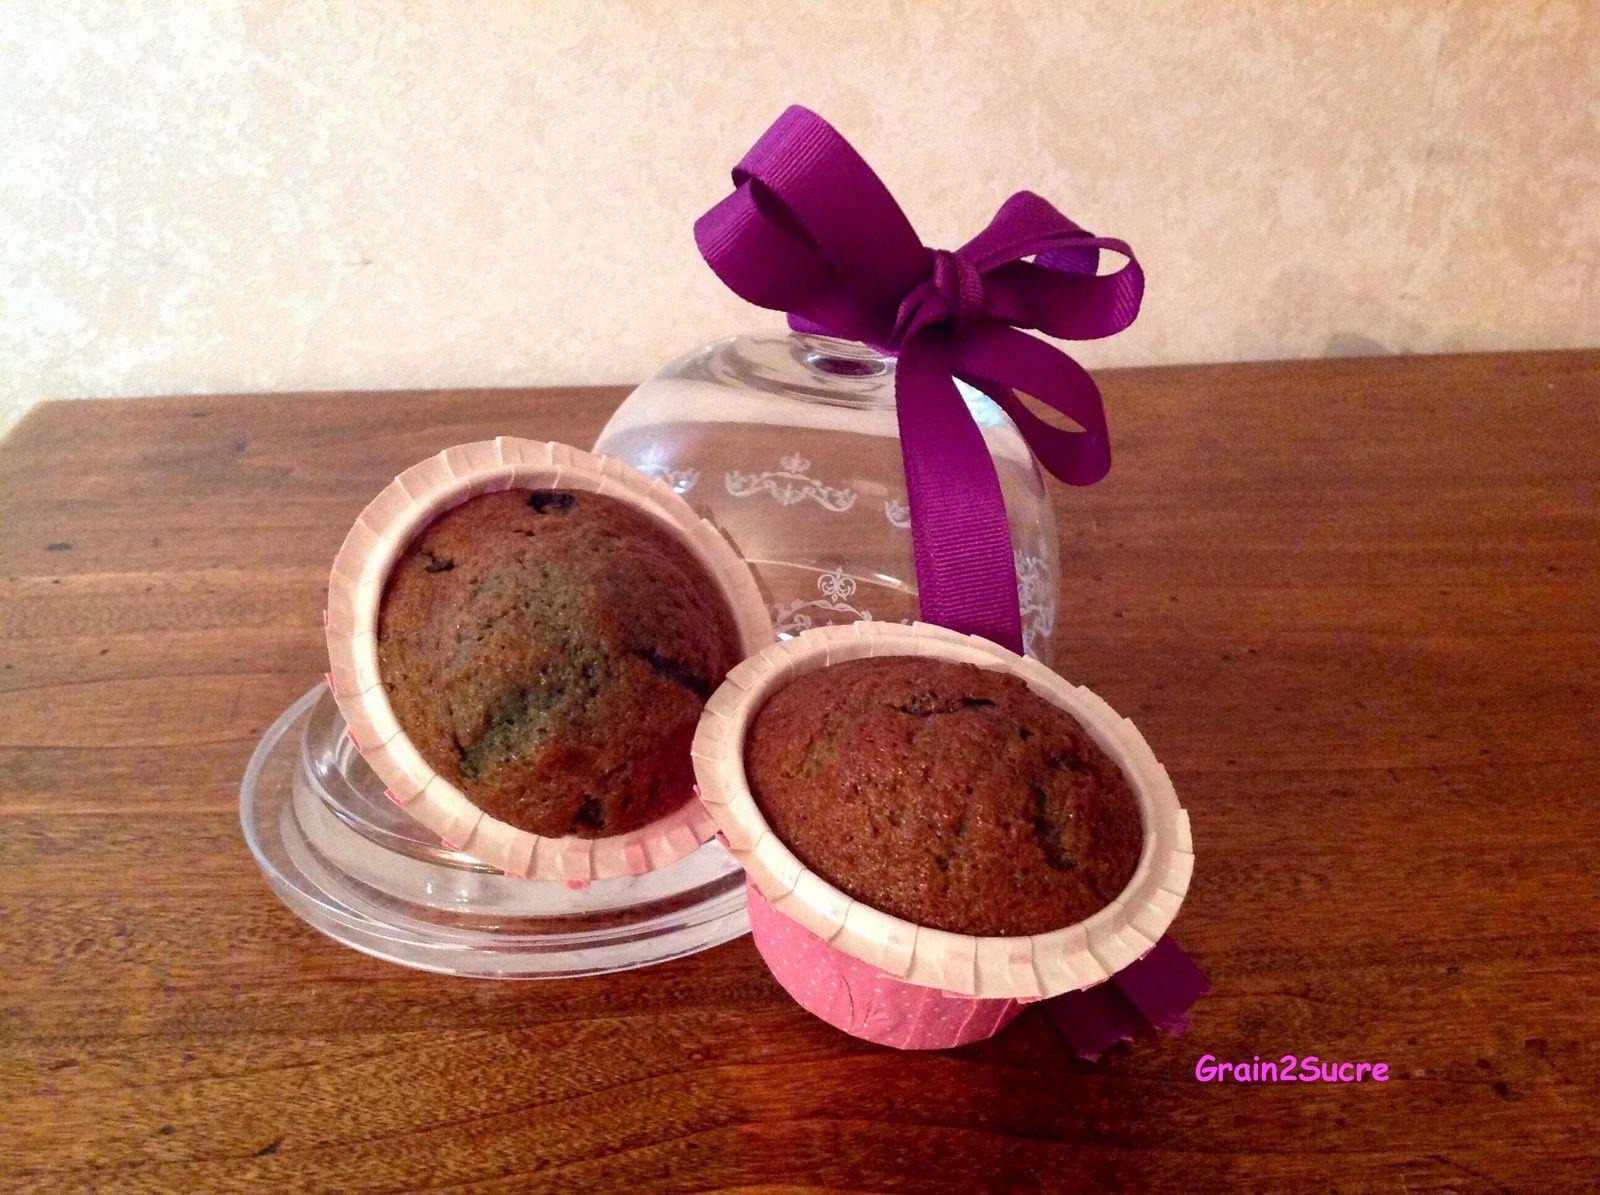 Grain2Sucre. Recette de Muffins aux myrtilles : farine, sucre, œufs, huile, lait, myrtilles.